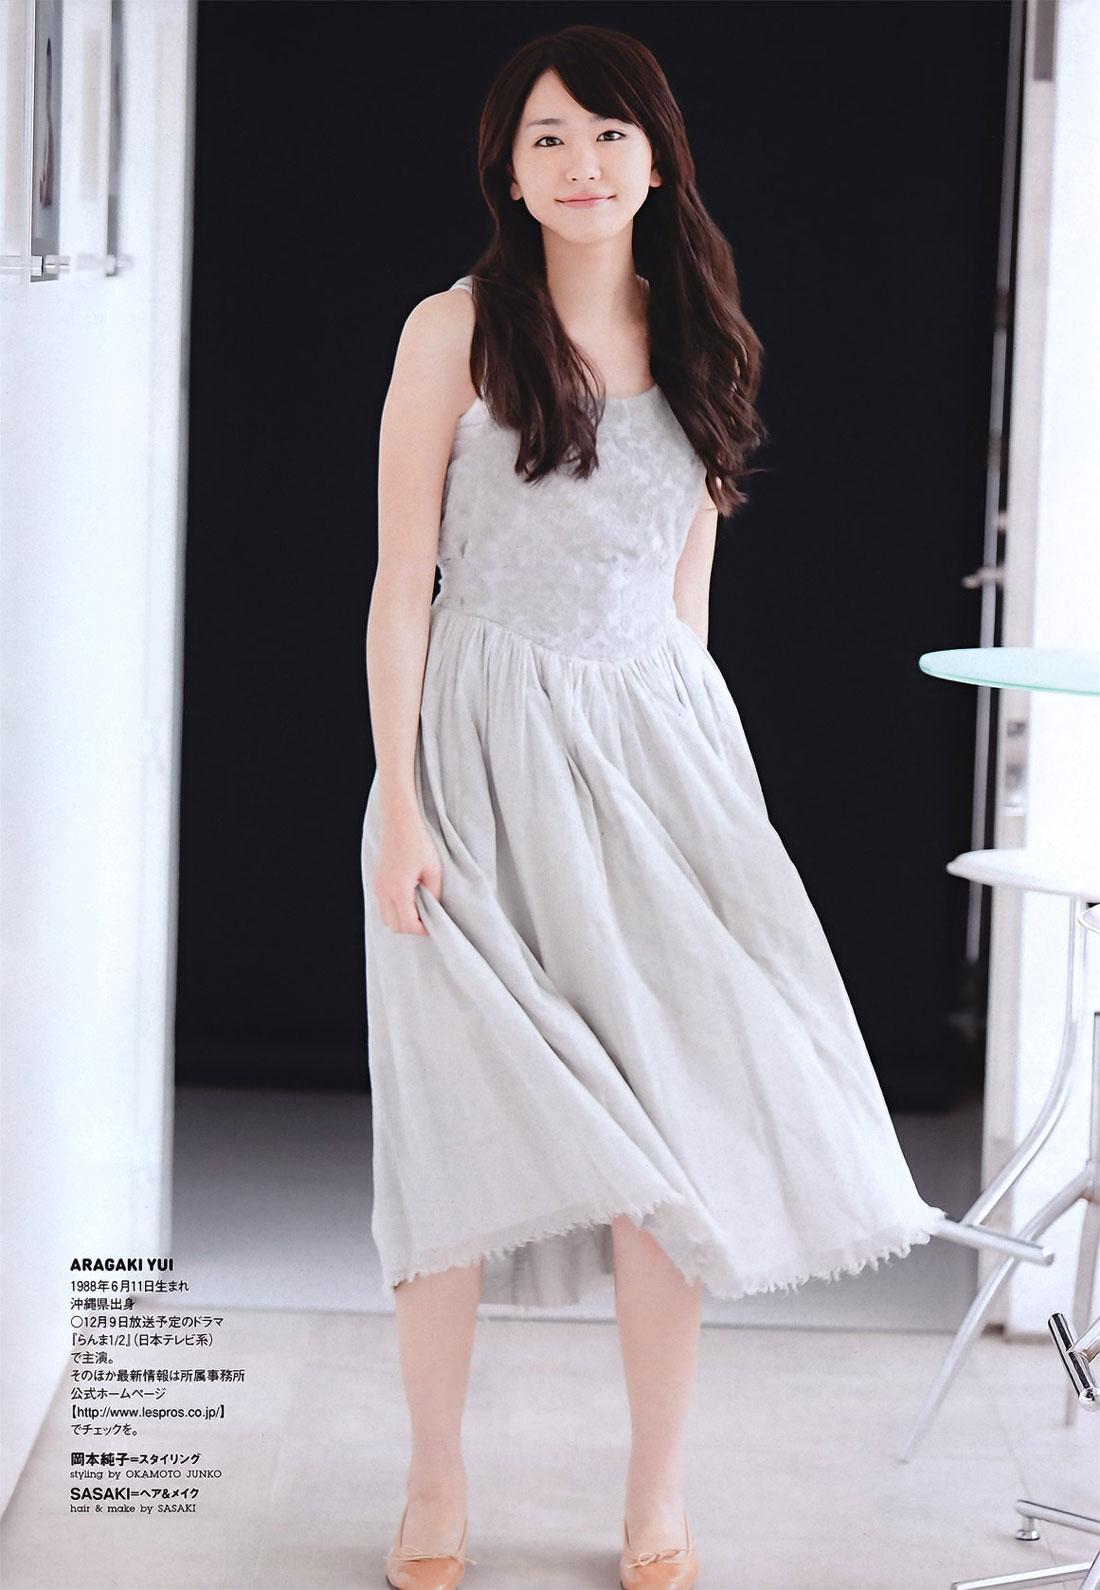 Yui Aragaki WPB Japanese Magazine